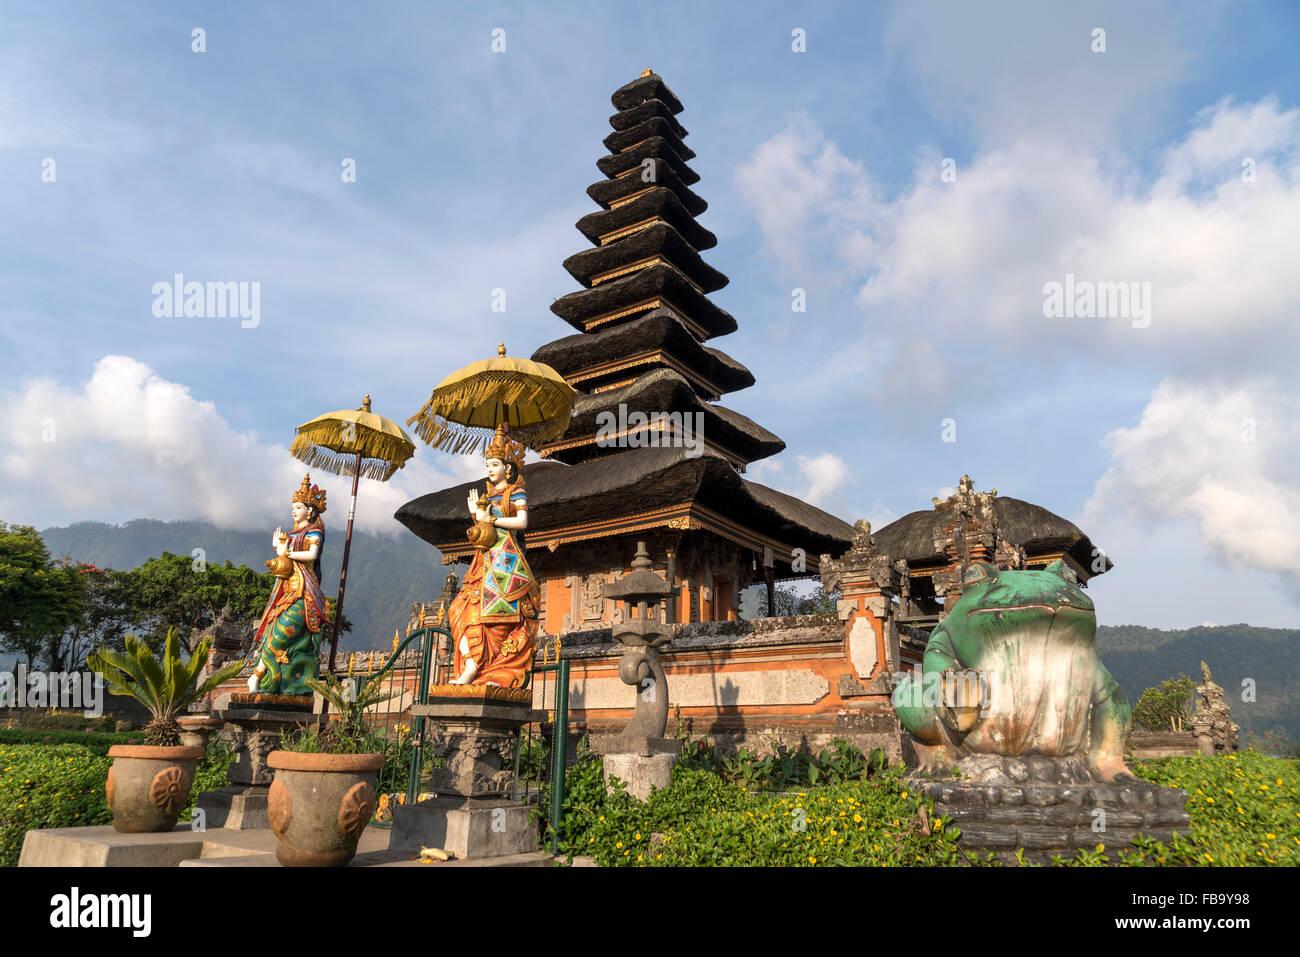 Le principal temple de l'eau et Shivaite Pura Ulun Danu Bratan sur les rives du lac Bratan, Bedugul, Bali, Indonésie Photo Stock